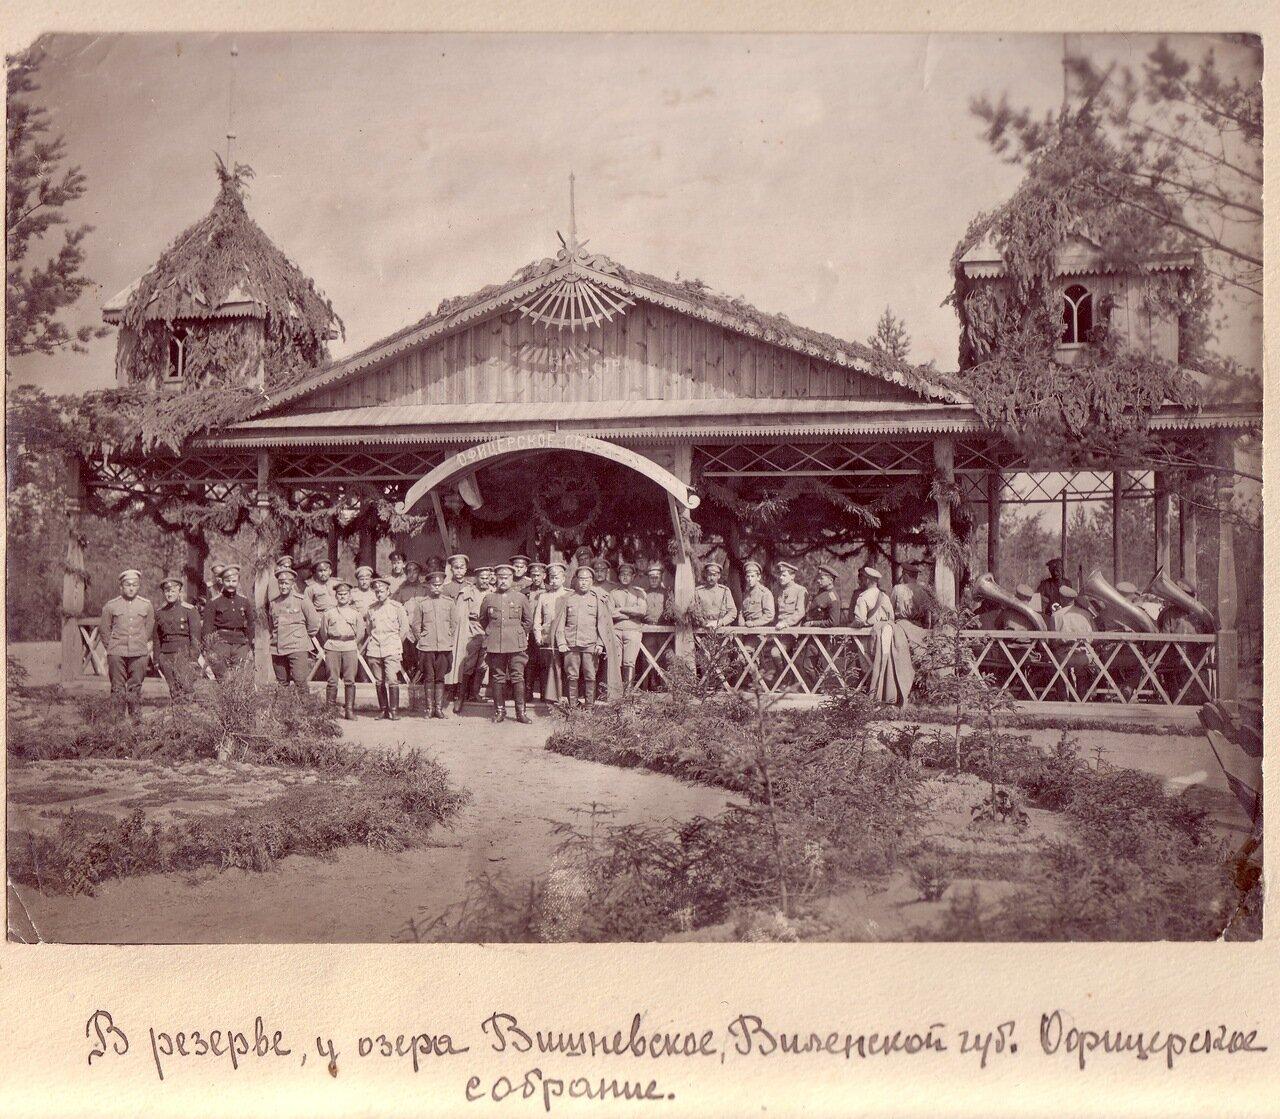 В резерве, у оз. Вишневское, Виленской губернии. Офицерское собрание